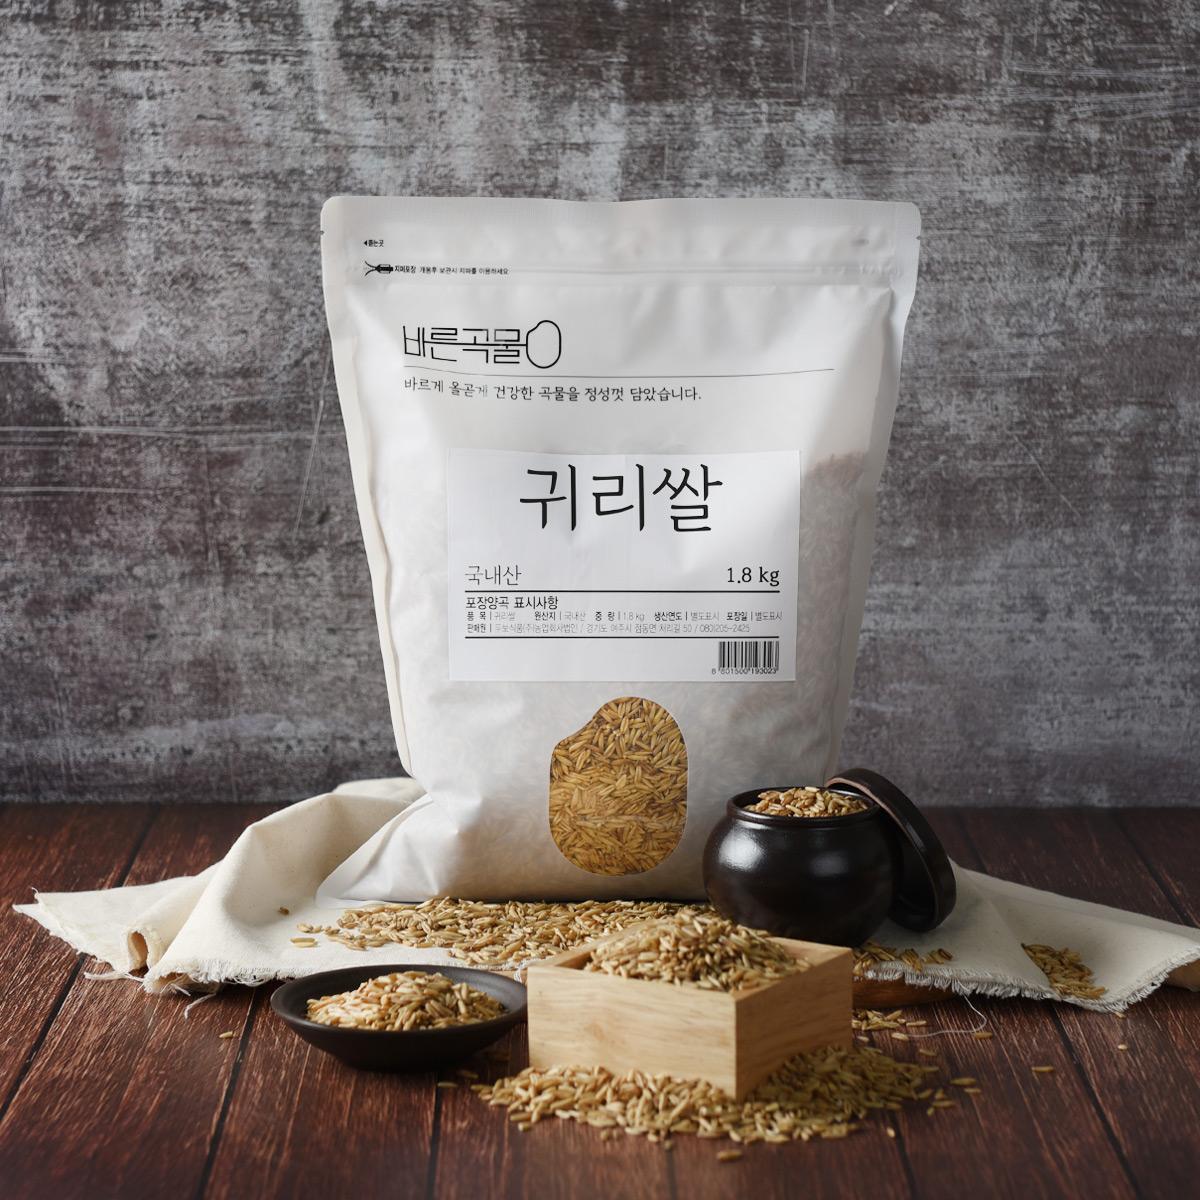 바른곡물 국산 귀리쌀, 1.8kg, 1개